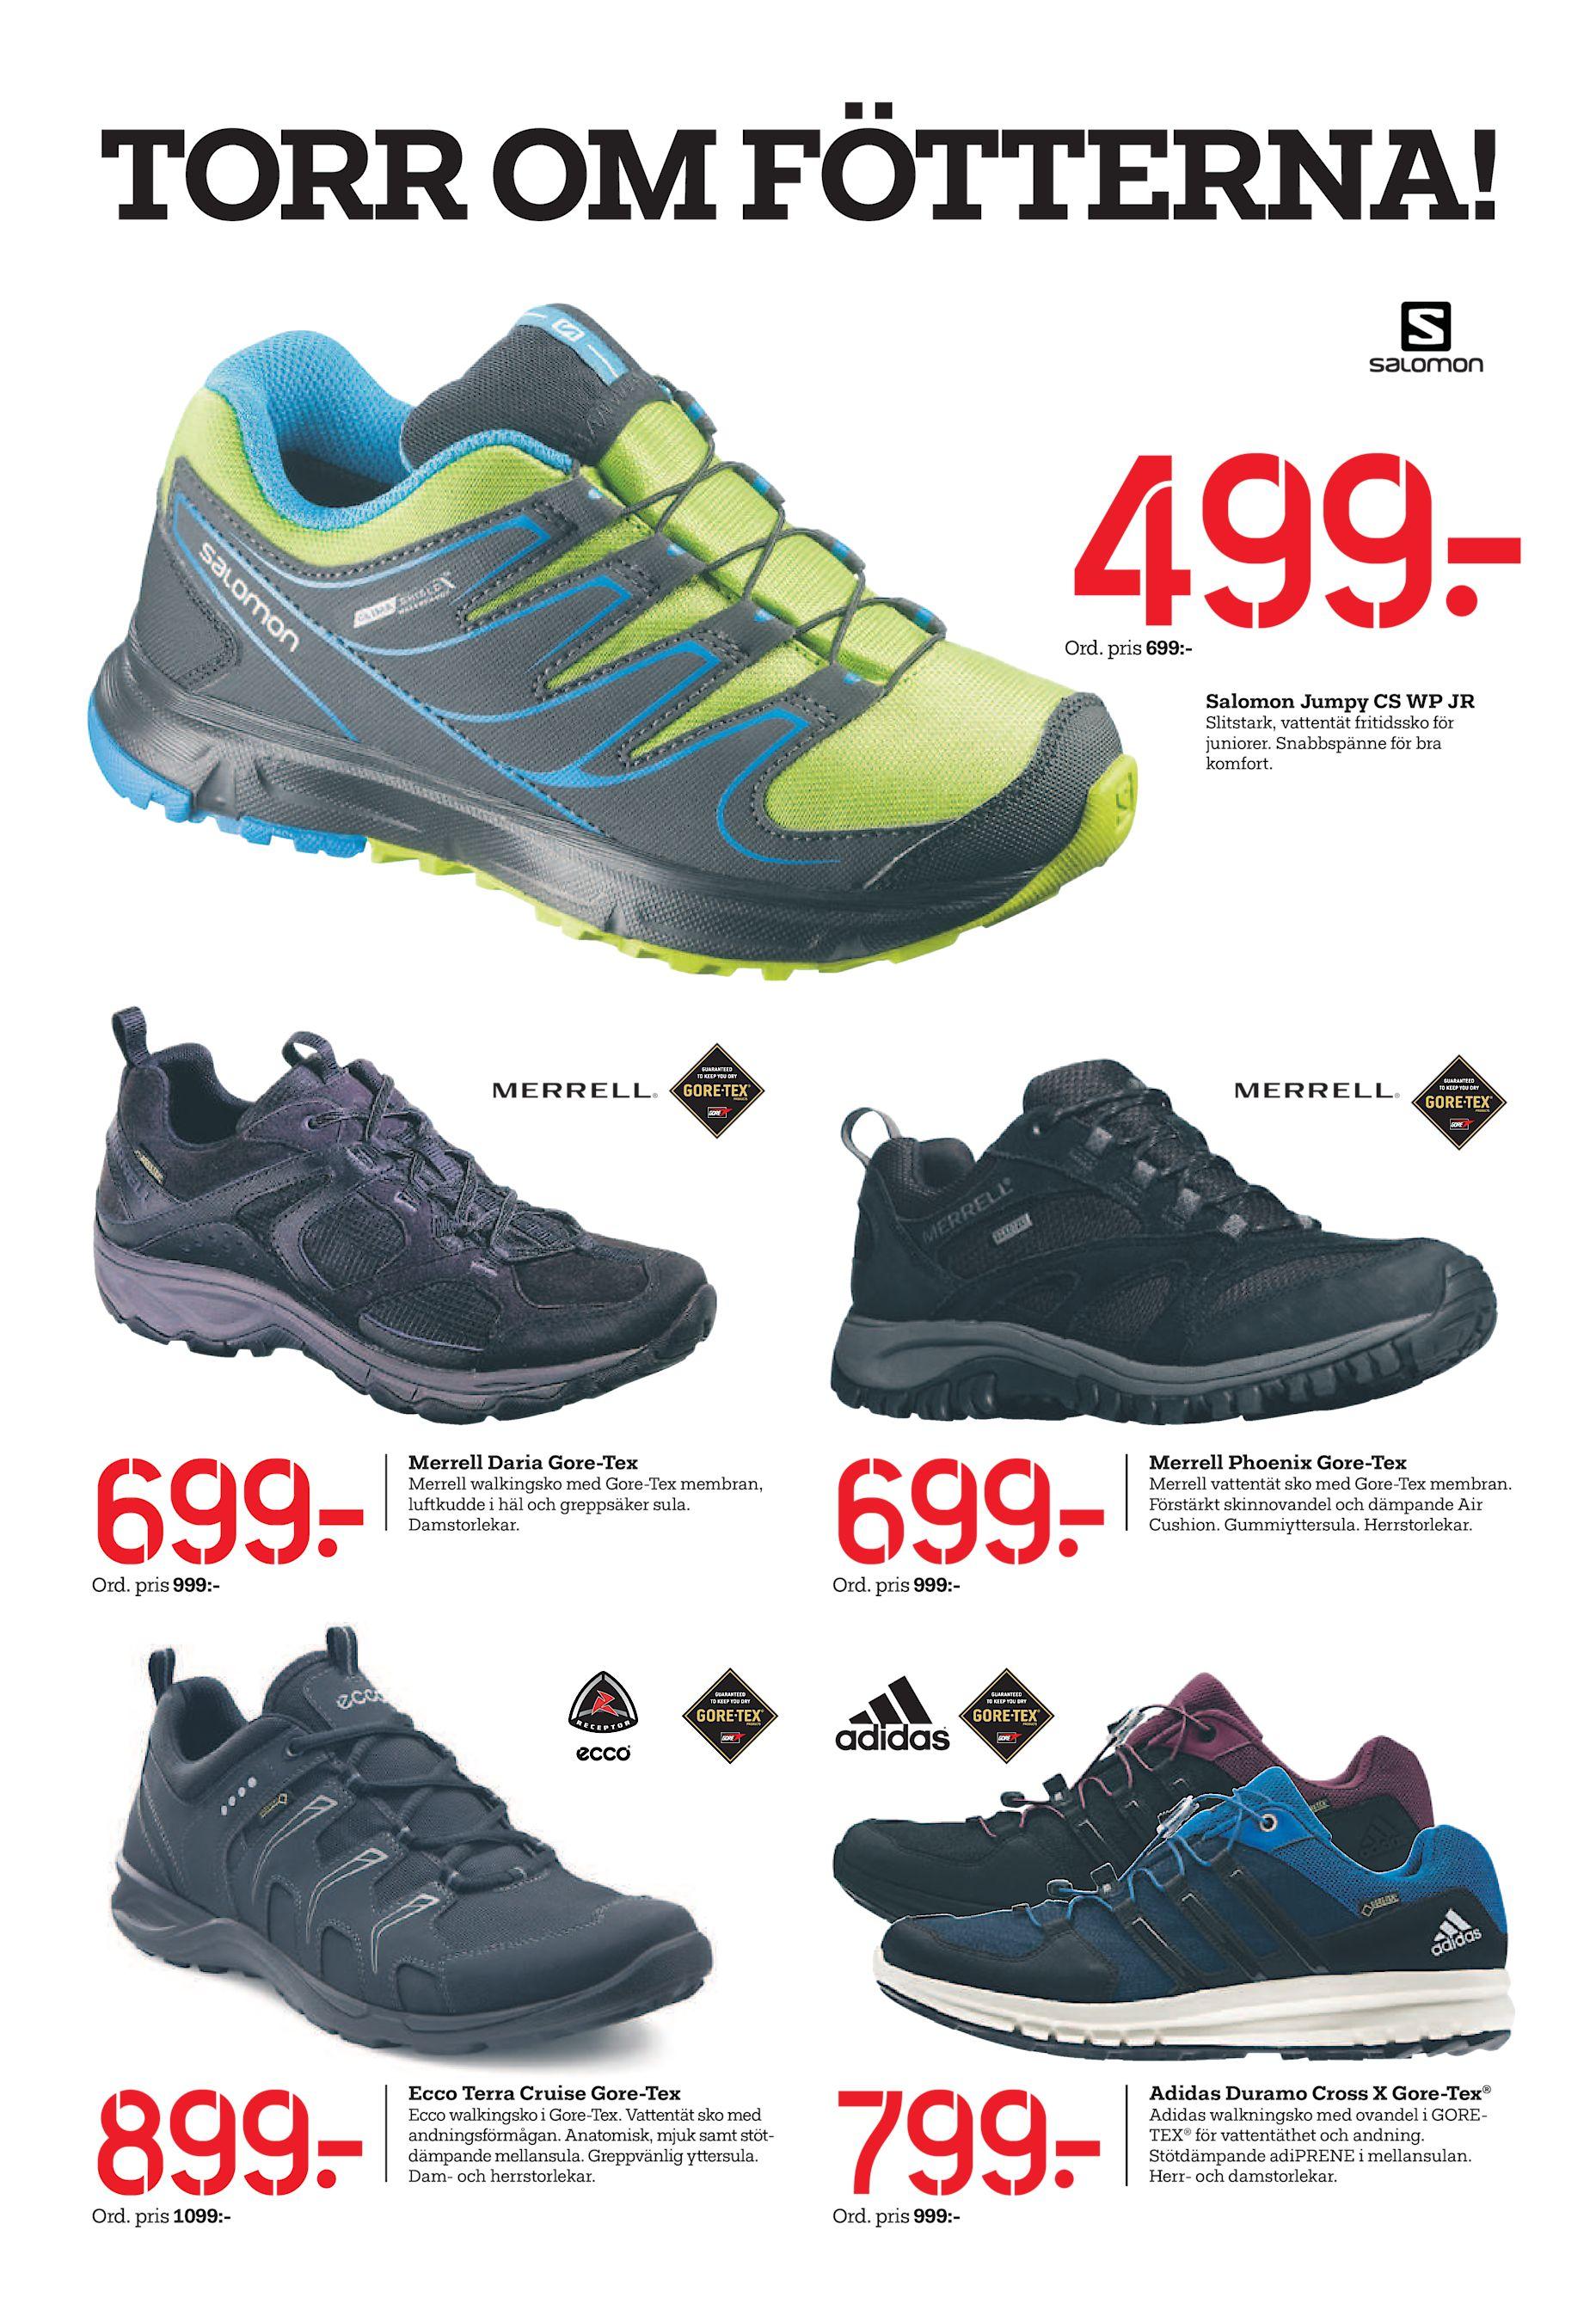 Snabbspänne för bra komfort. 699  Merrell Daria Gore-Tex Merrell walkingsko  med Gore-Tex membran b60407c2df677